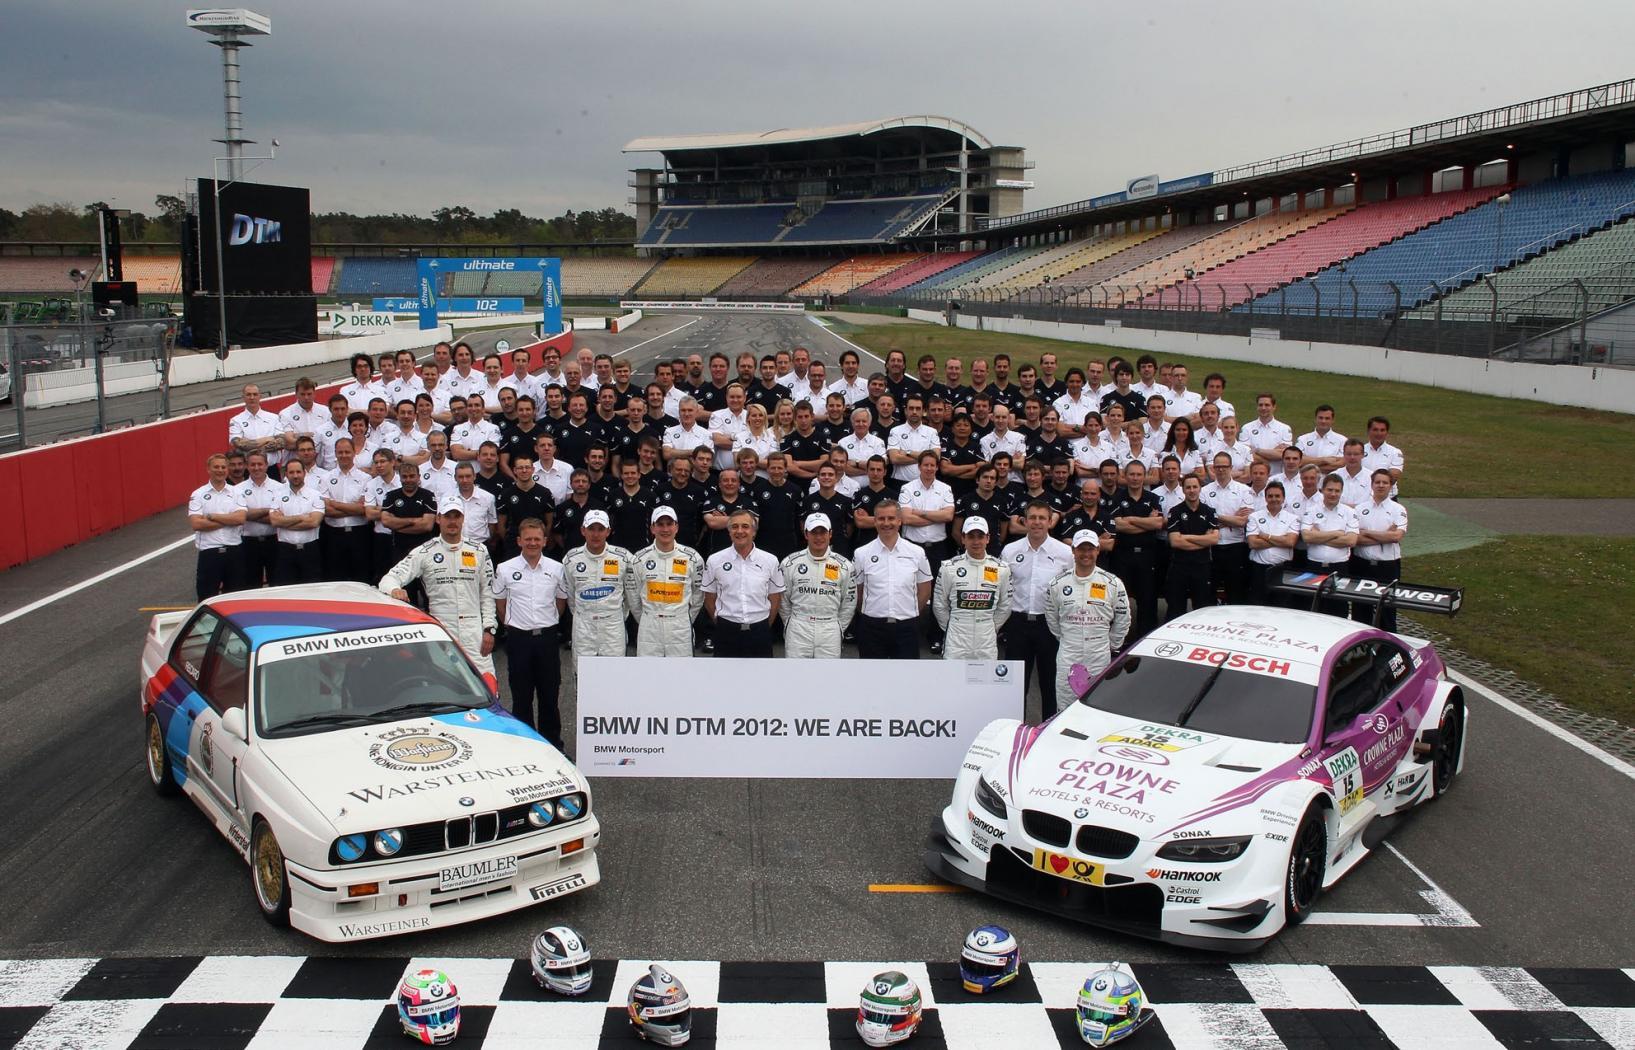 Le-retour-BMW-en-DTM-2012.jpeg